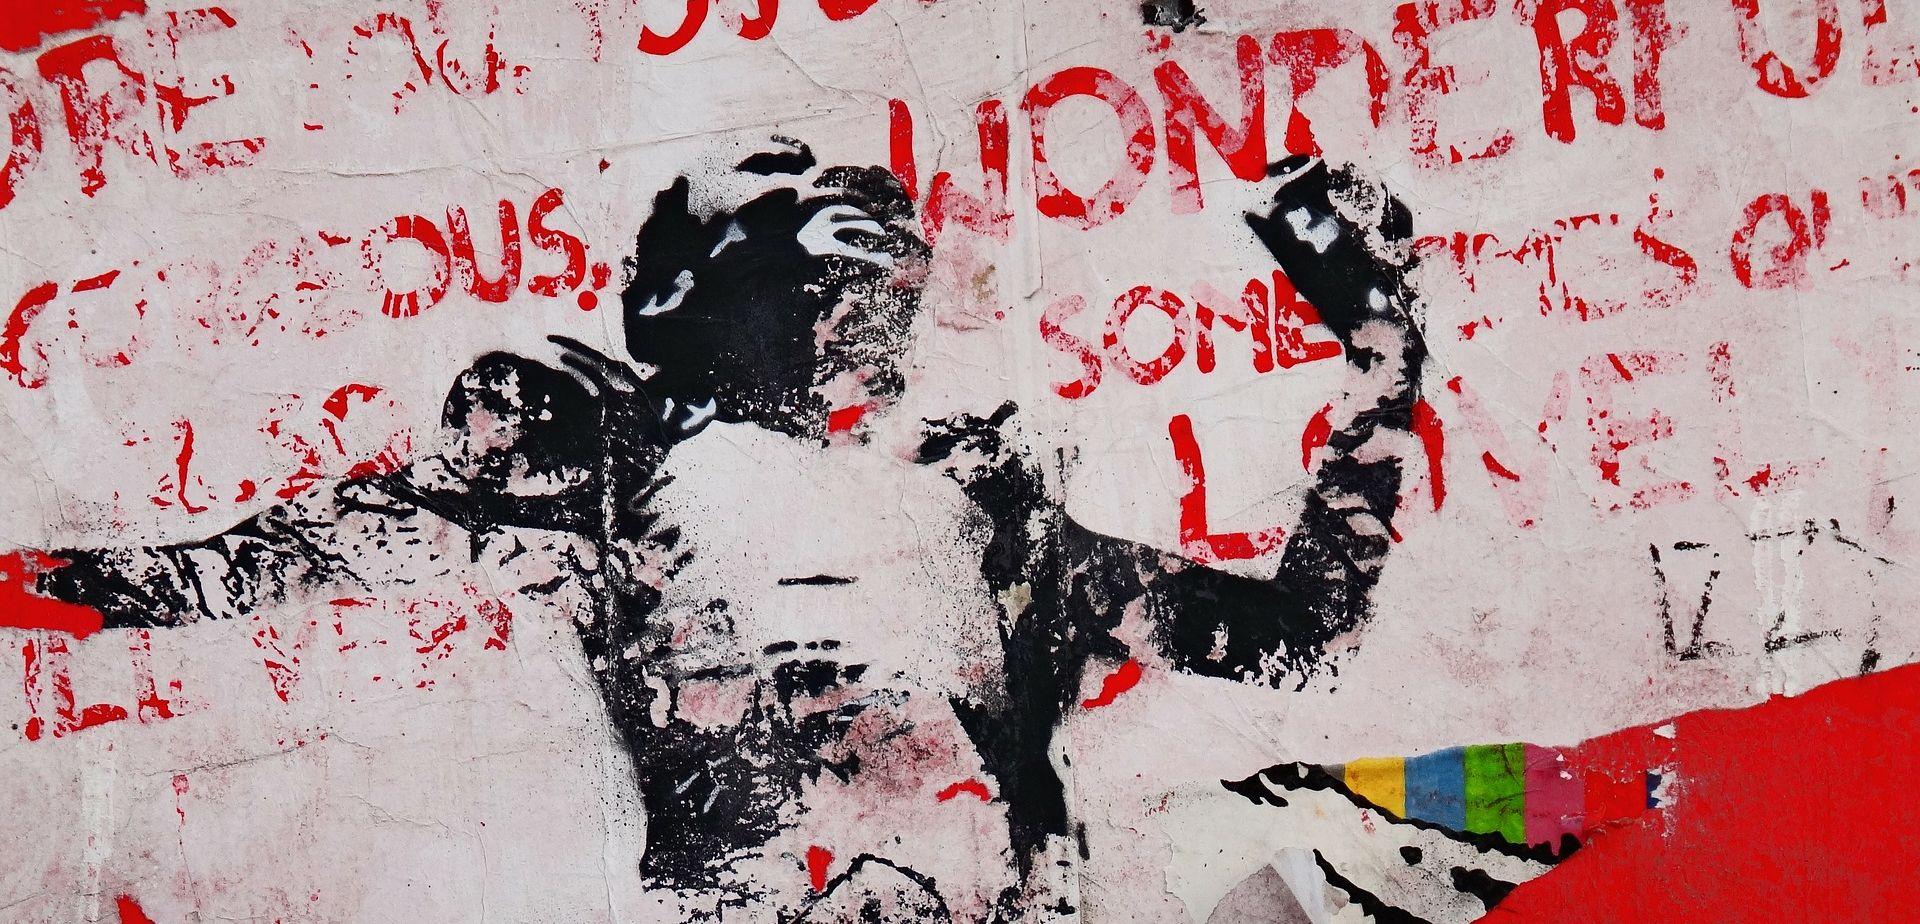 FELJTON: Moguć je drukčiji svijet – revolucija neoproletarijata